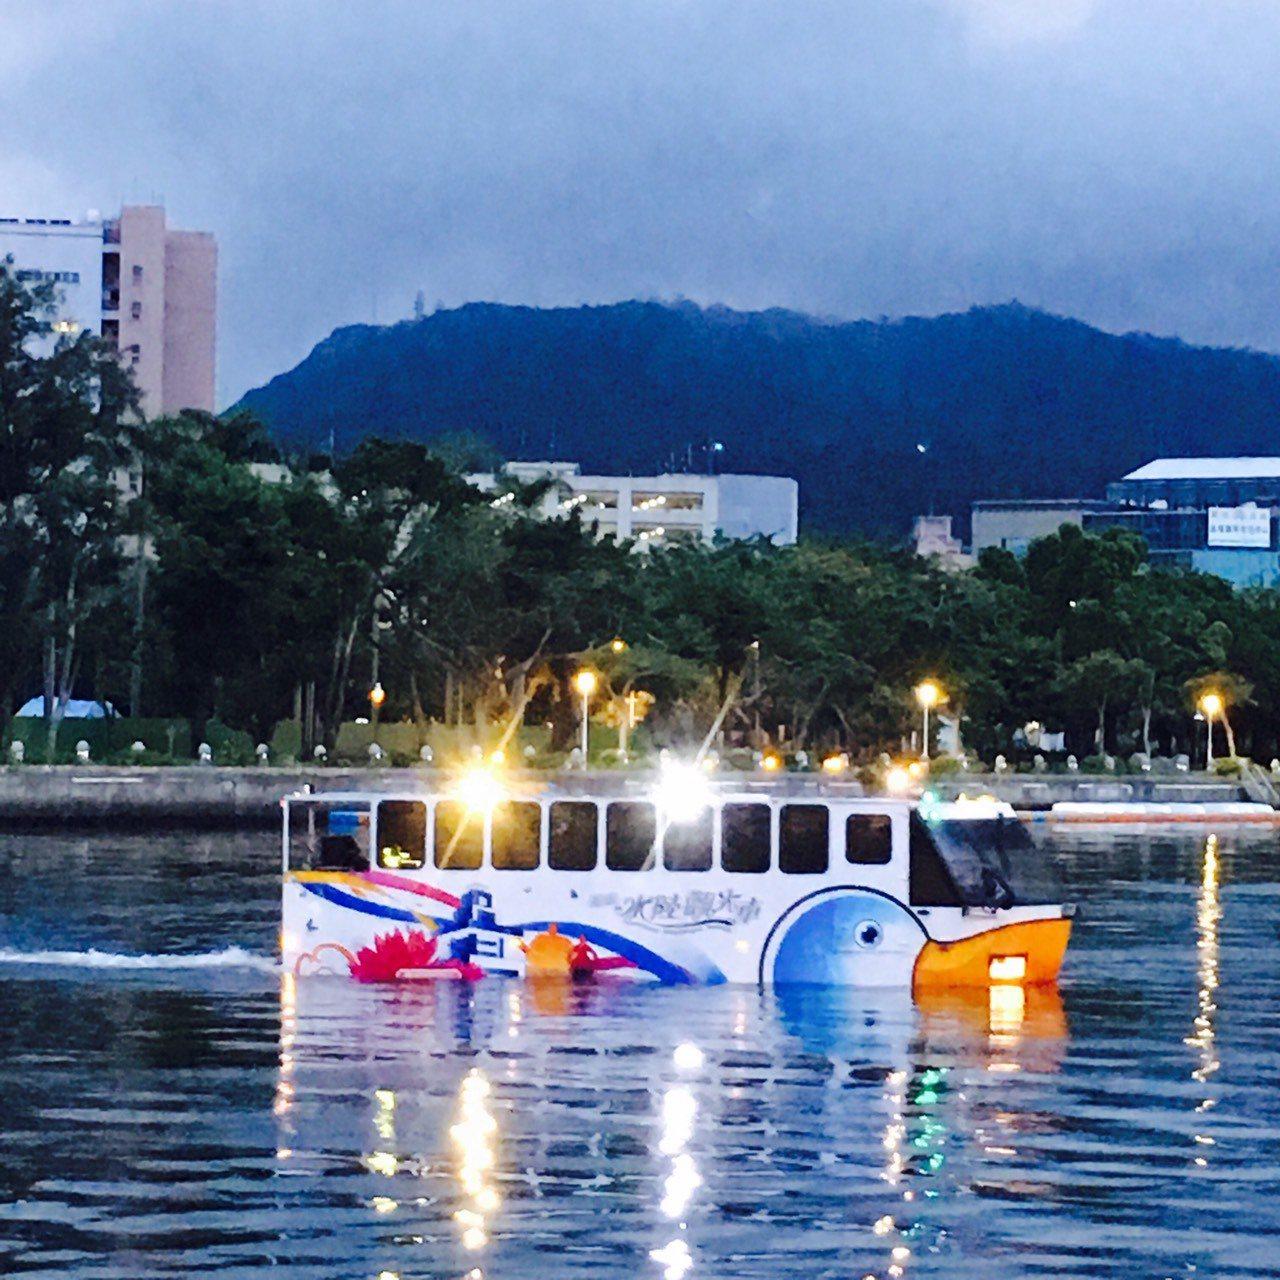 高市鴨子船7月起開夜航班次,可在較高位置欣賞愛河夜景。圖/高雄市交通局提供